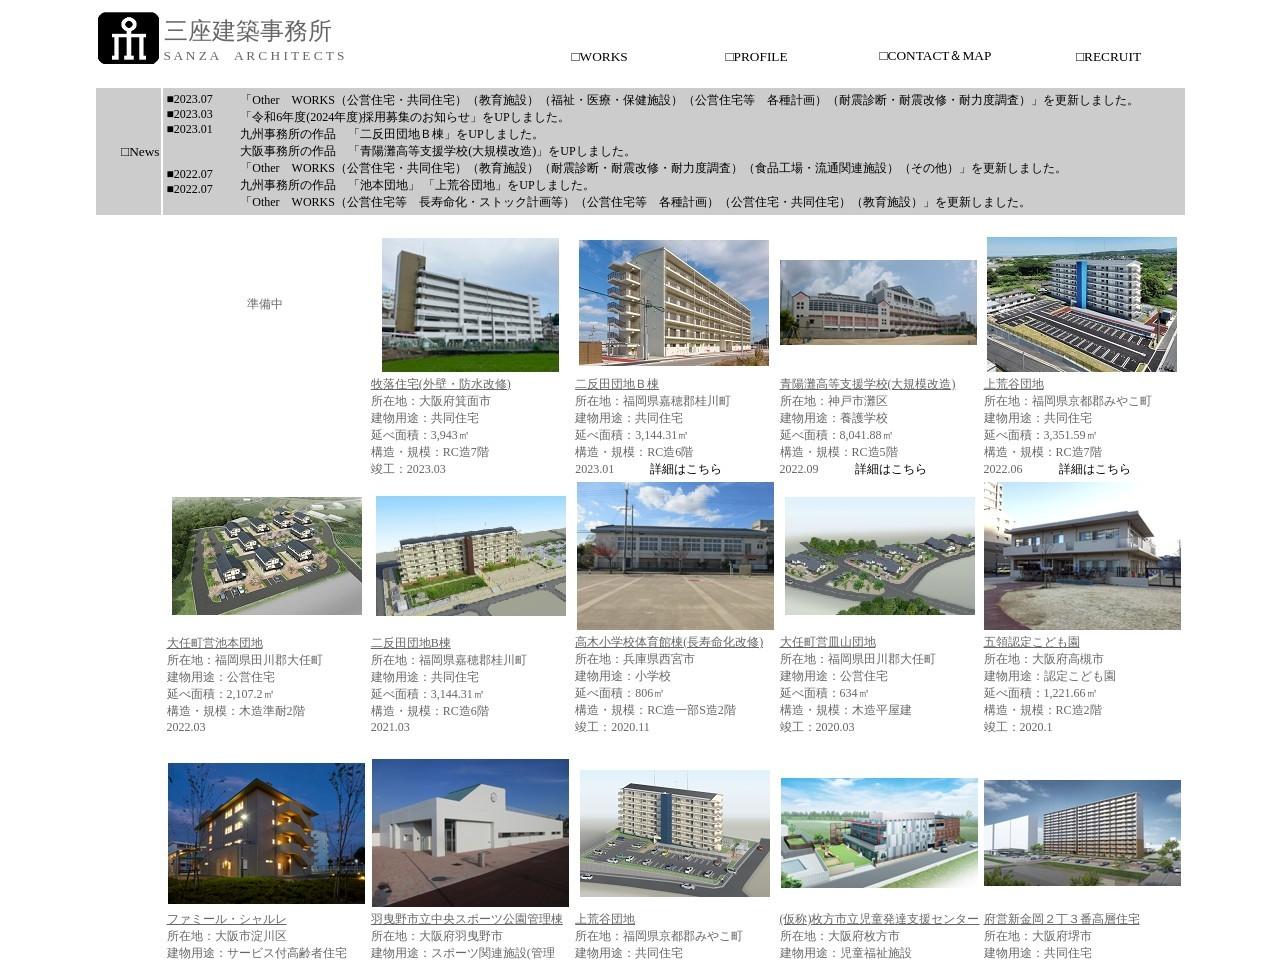 株式会社三座建築事務所九州事務所